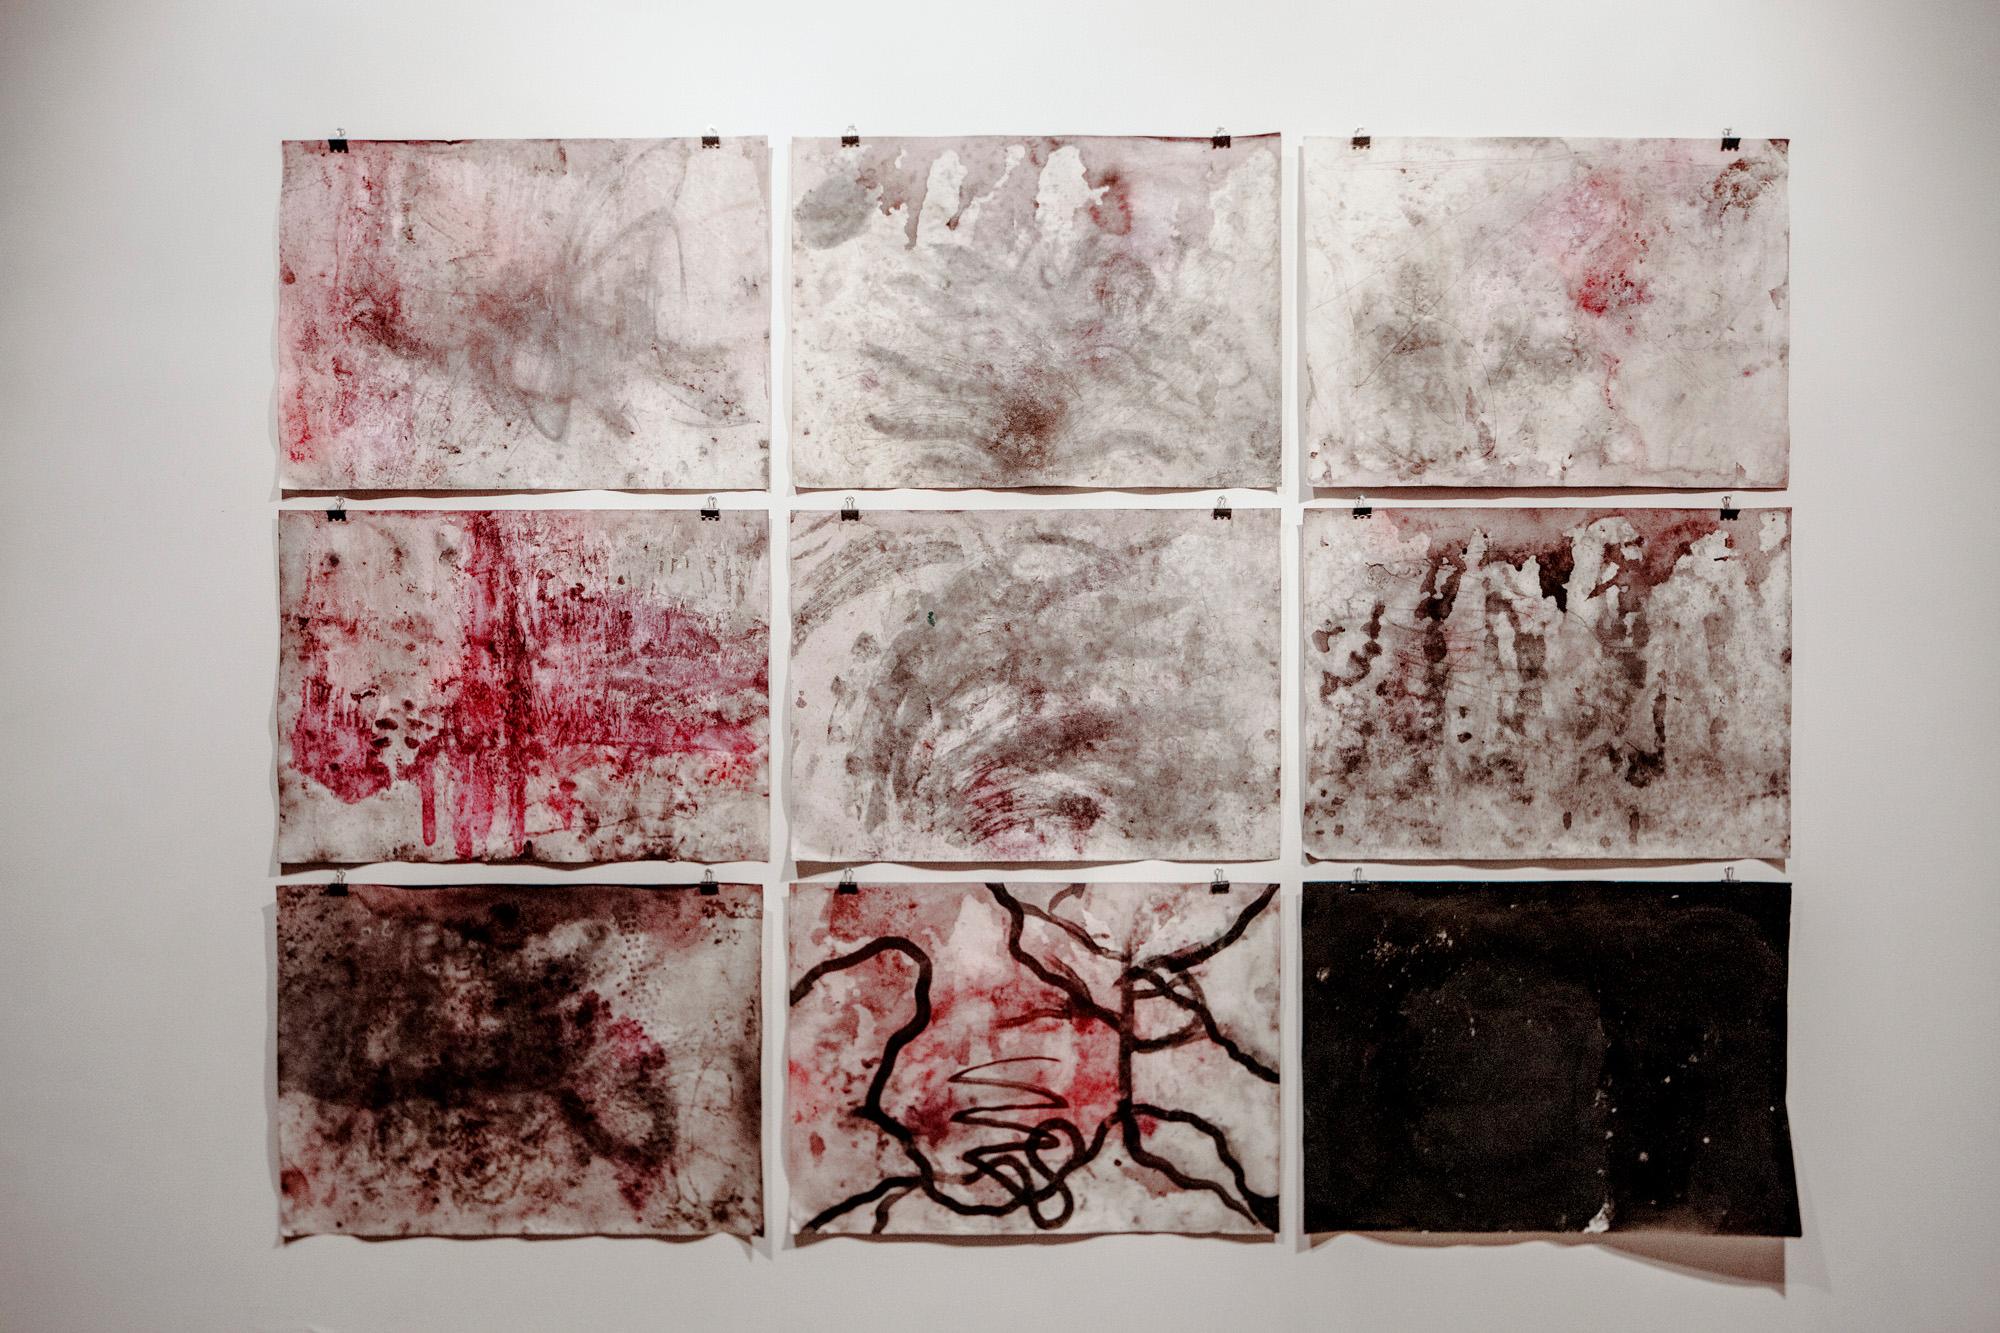 Malując, Artur Żmiejewski igrupa kobiet zaresztu śledczego